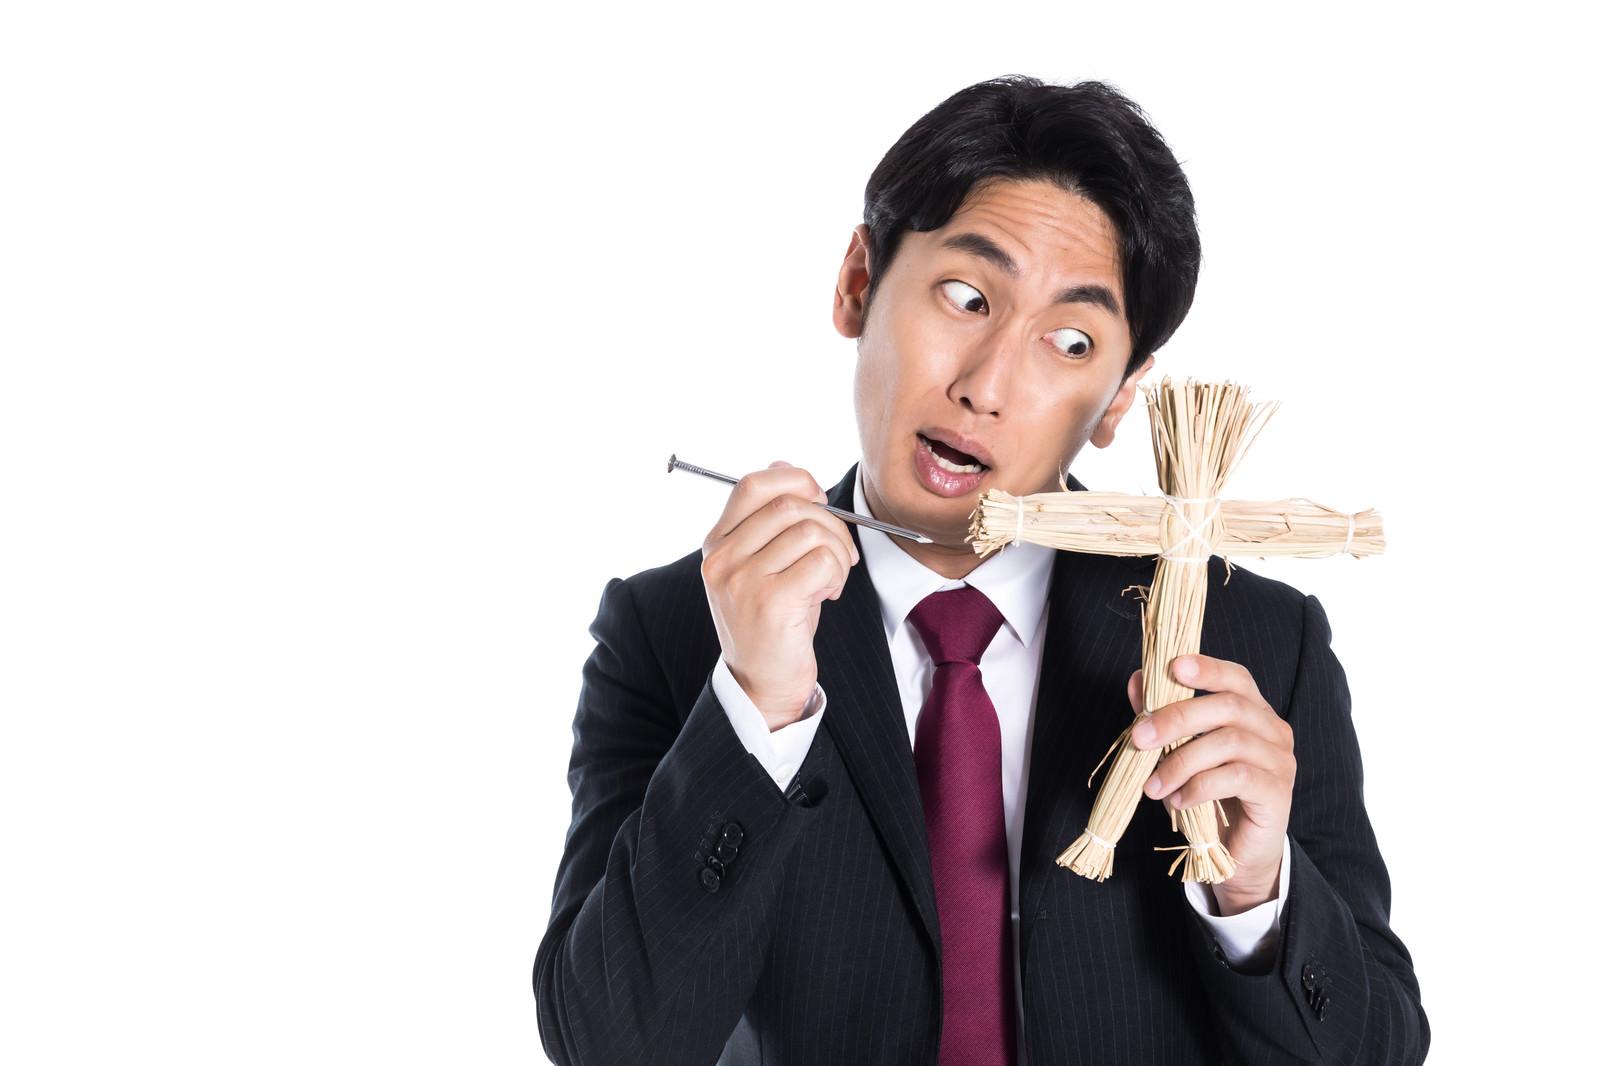 「復讐代行人」の写真[モデル:大川竜弥]